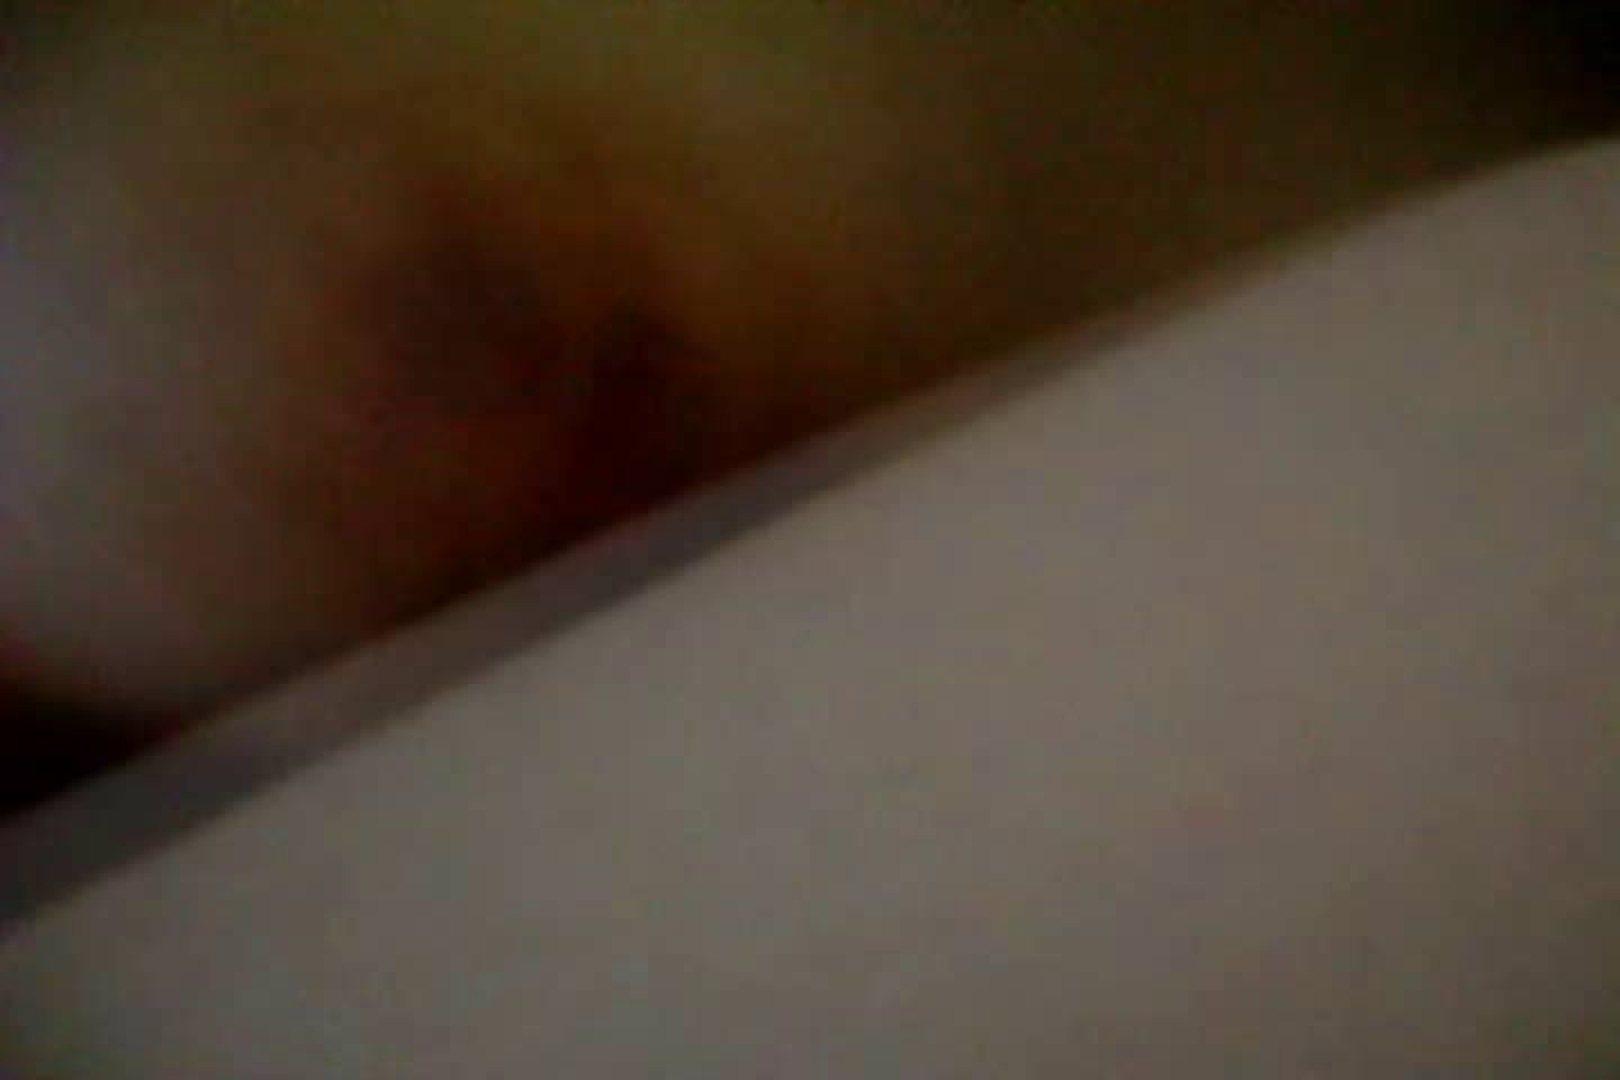 ウイルス流出 鹿児島県庁職員 中瀬瀬久成の流出ビデオ 独占盗撮 AV動画キャプチャ 95連発 14